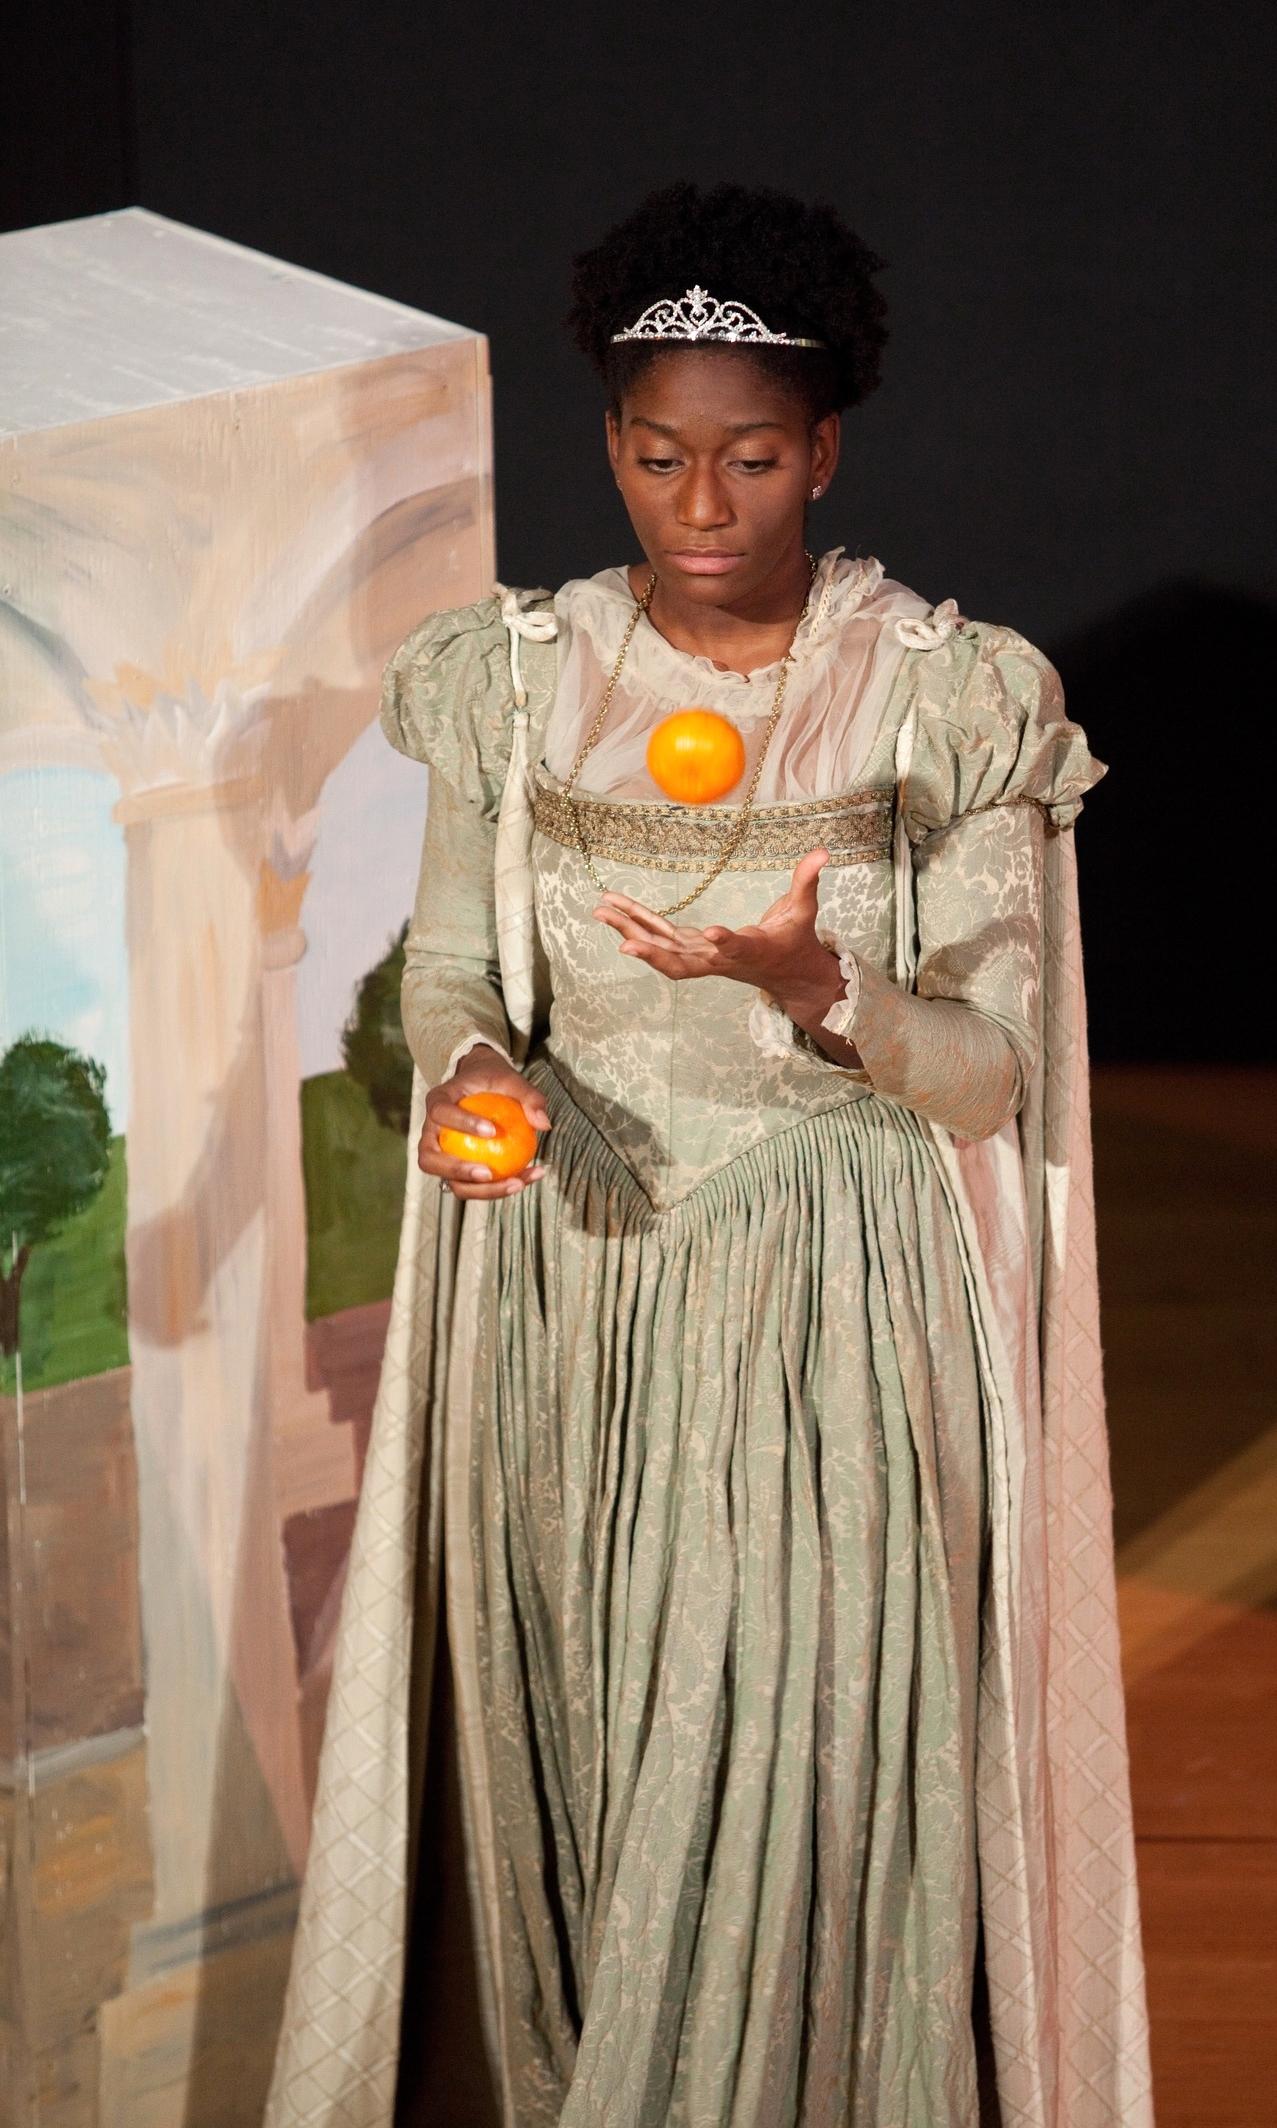 ros juggles orange.jpg